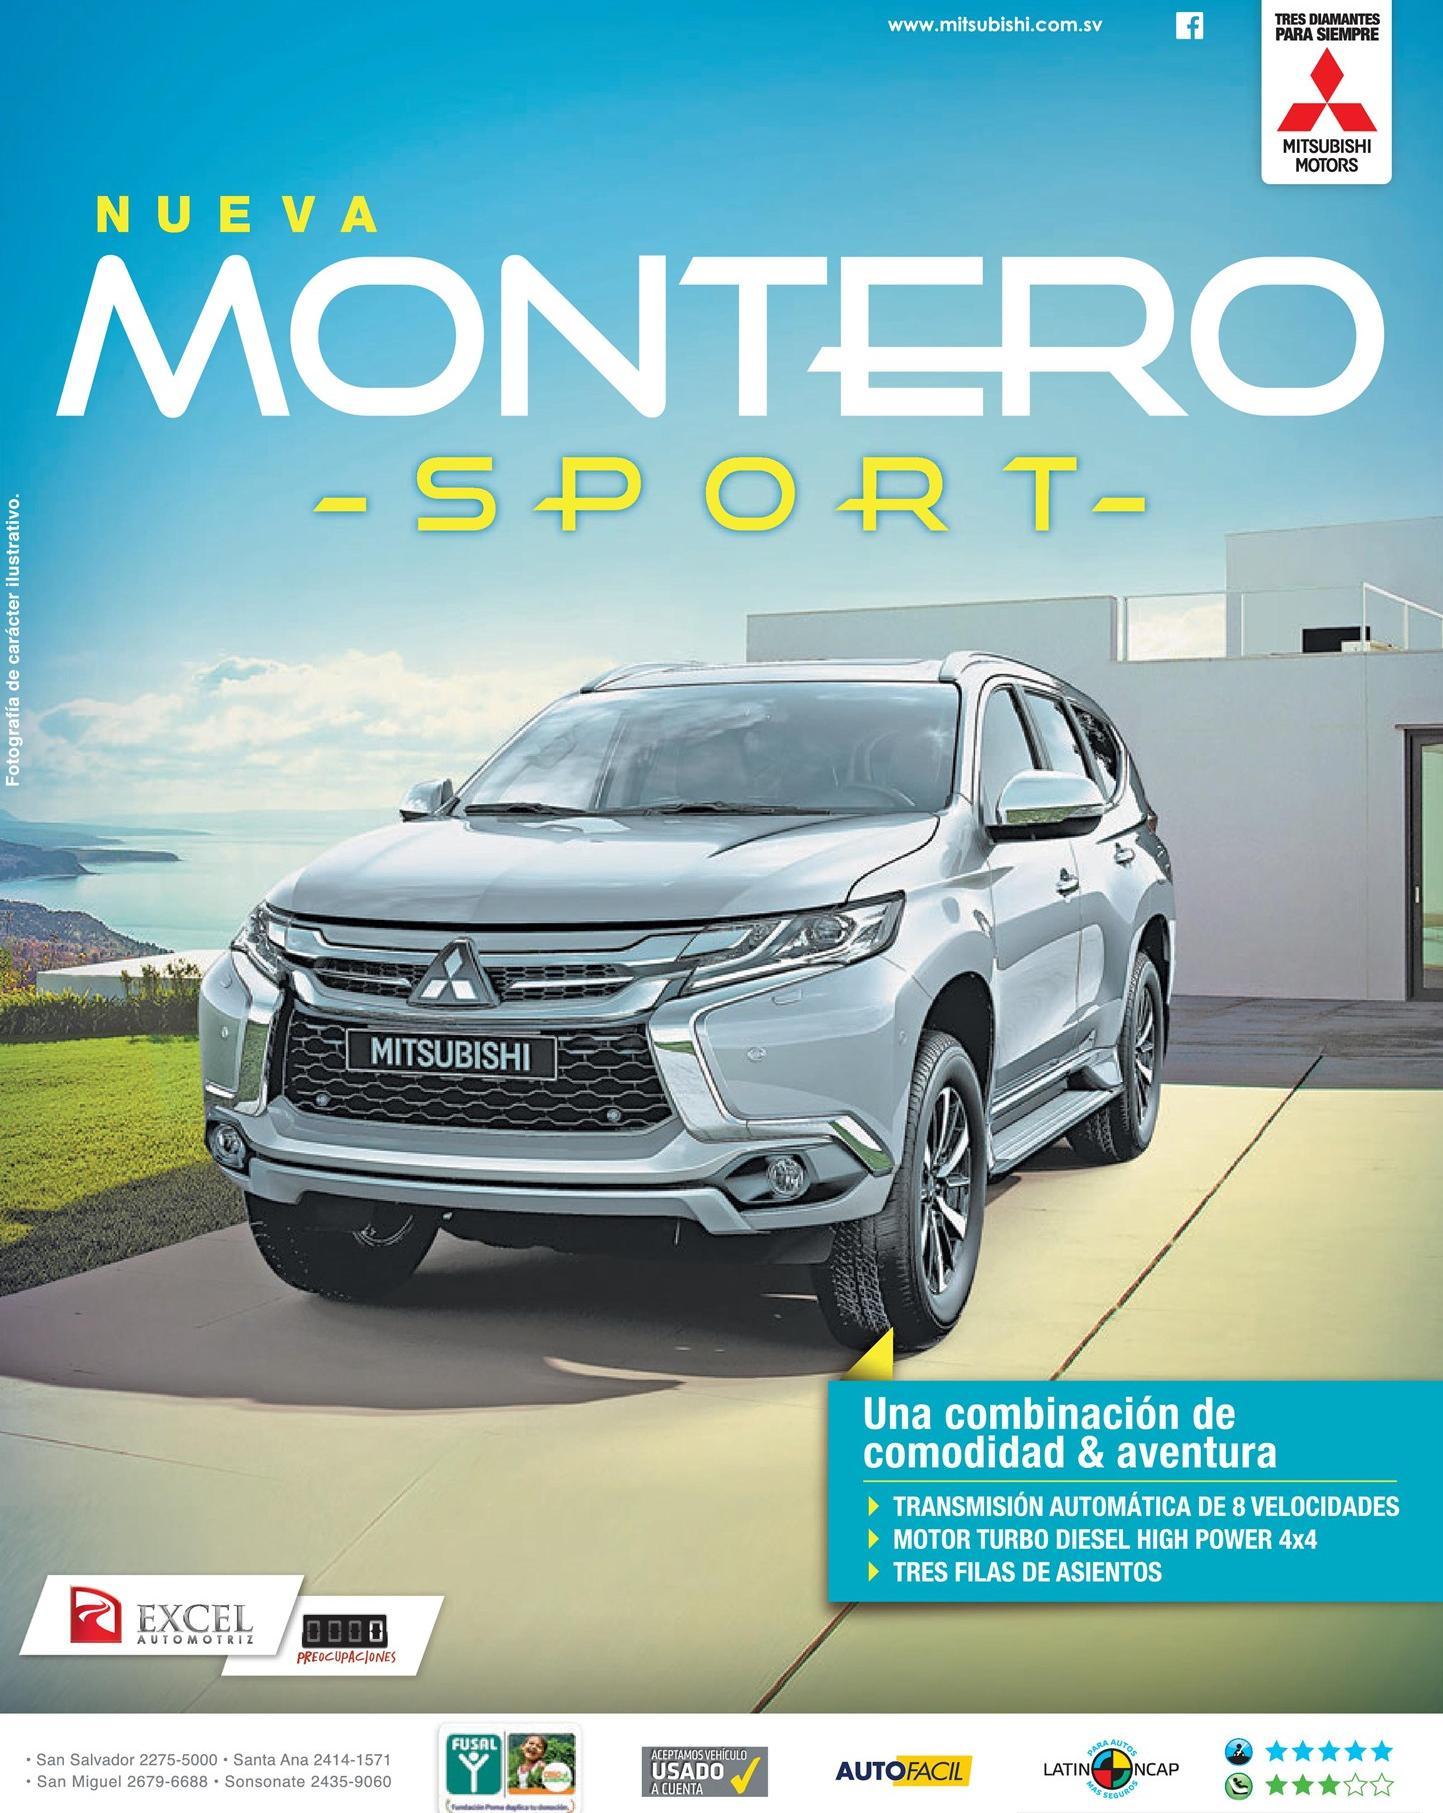 new montero sport mitsubishi venta de autos excel automotriz el salvador ofertas ahora. Black Bedroom Furniture Sets. Home Design Ideas